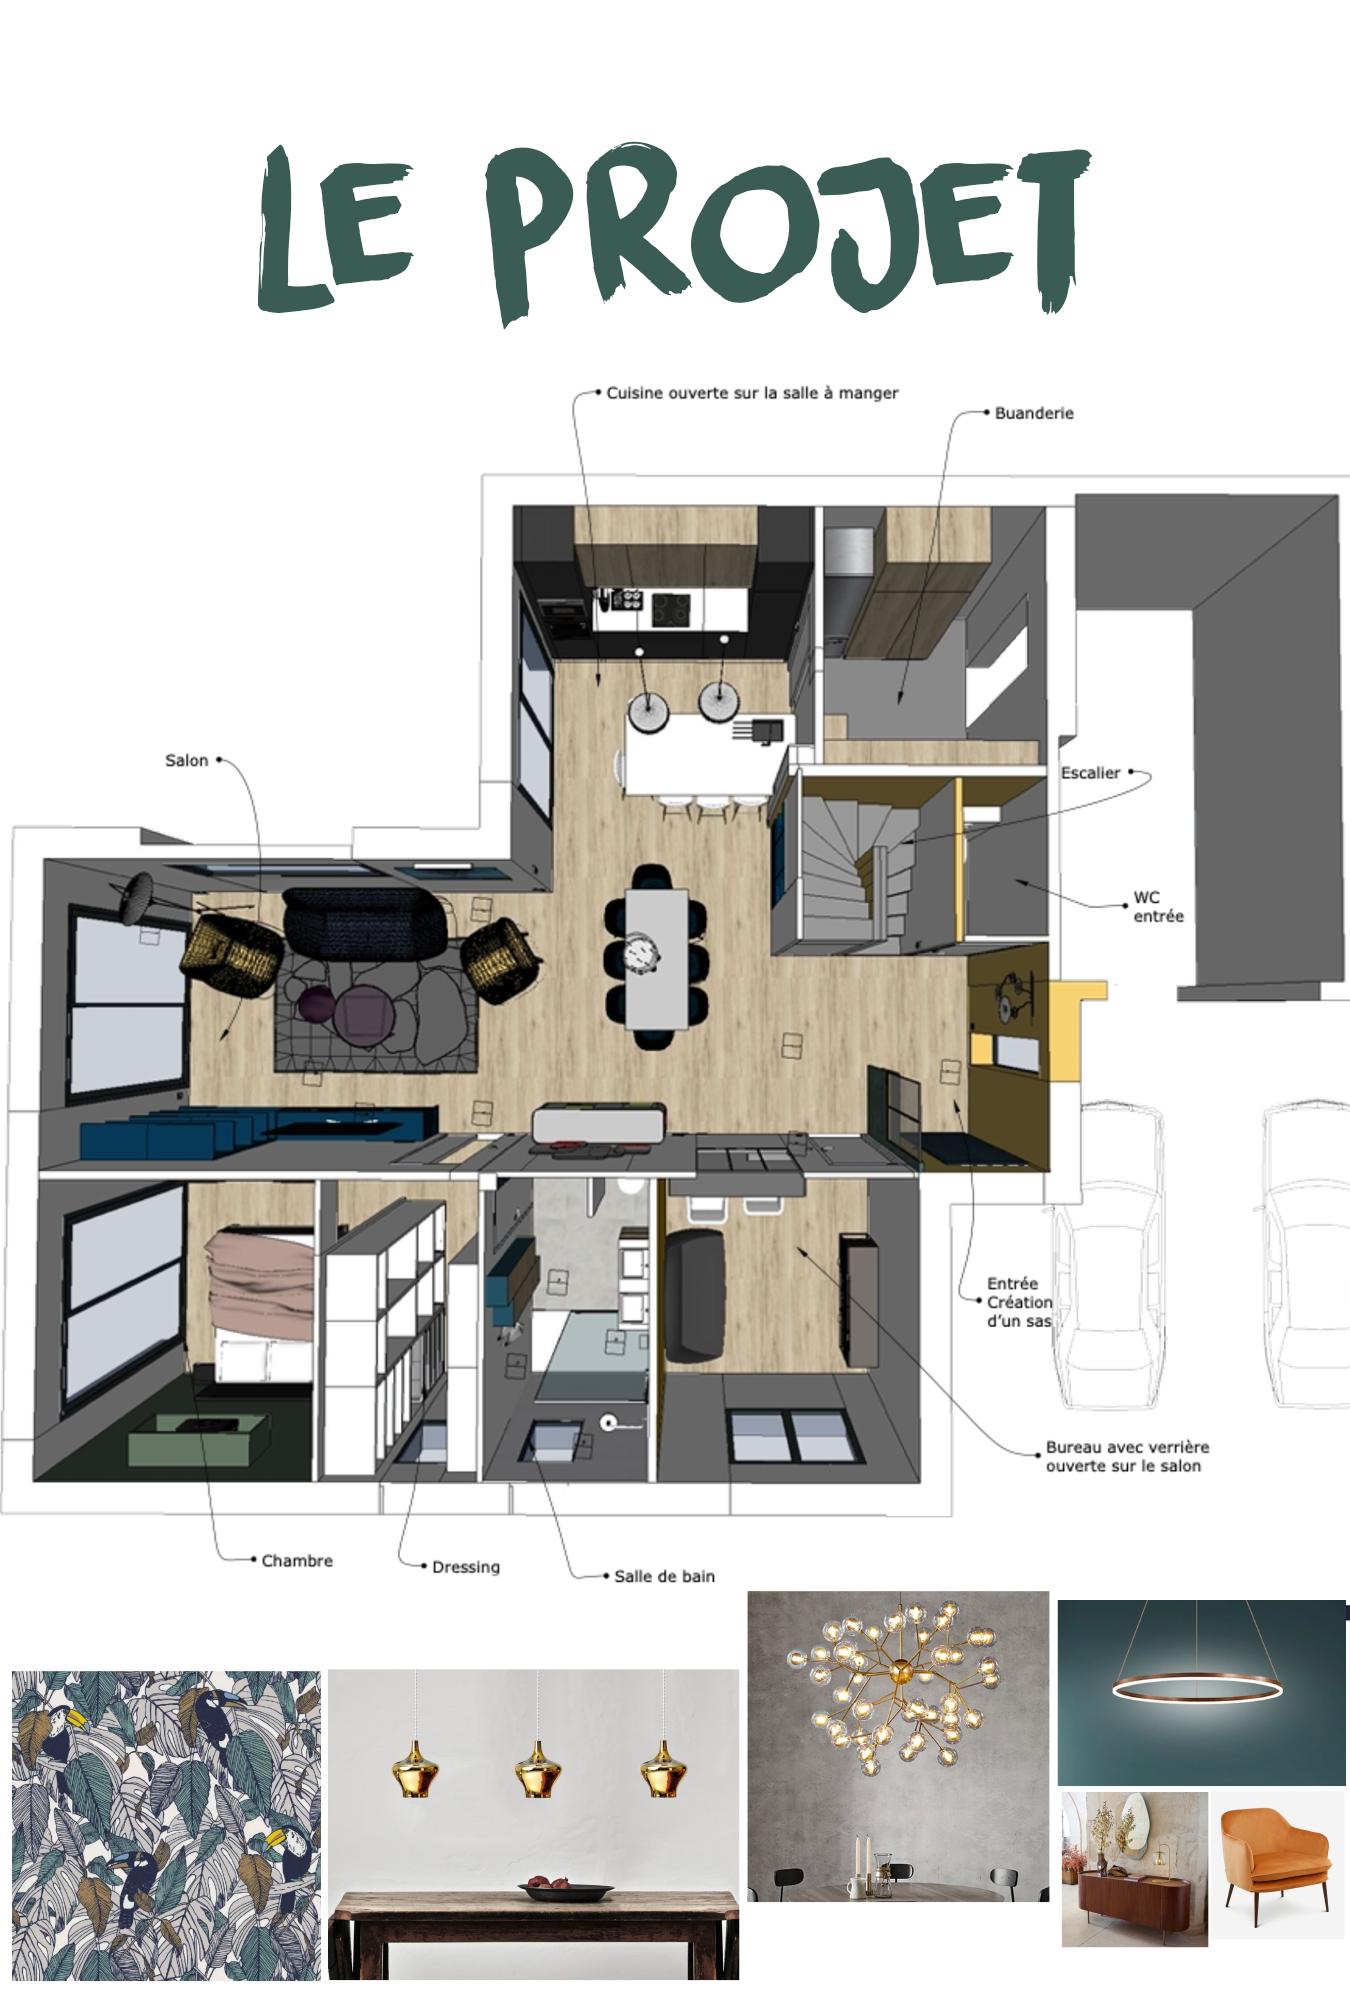 proposition 3D agencement validée création 3D interieur architecte